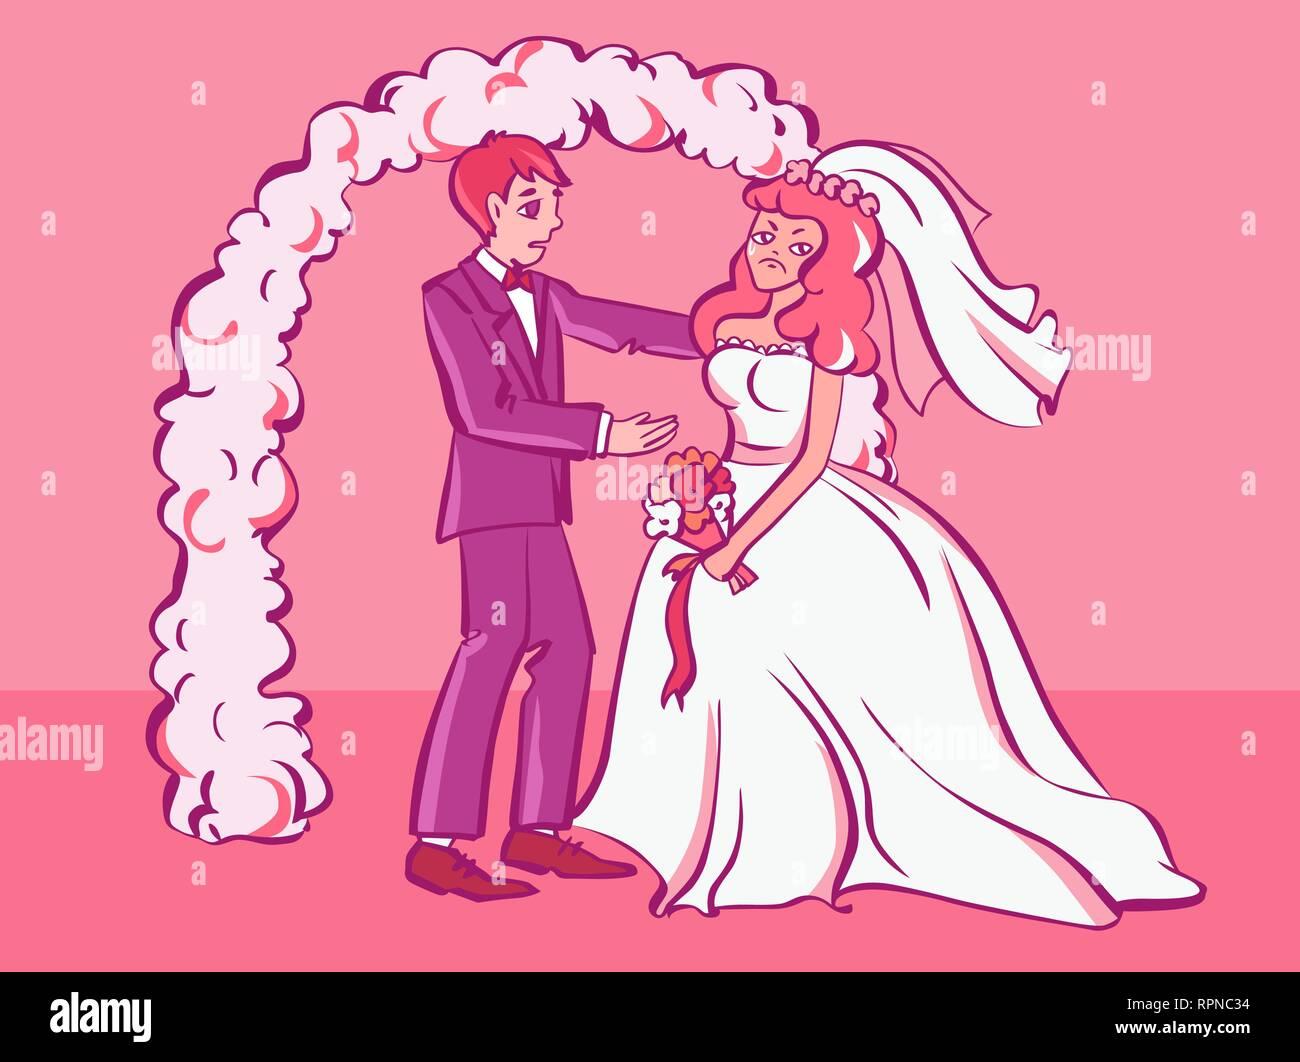 727ac637ae2 Triste fidanzata di grido, sposo cerca conforto per lei. Lo stile del  fumetto illustrazione